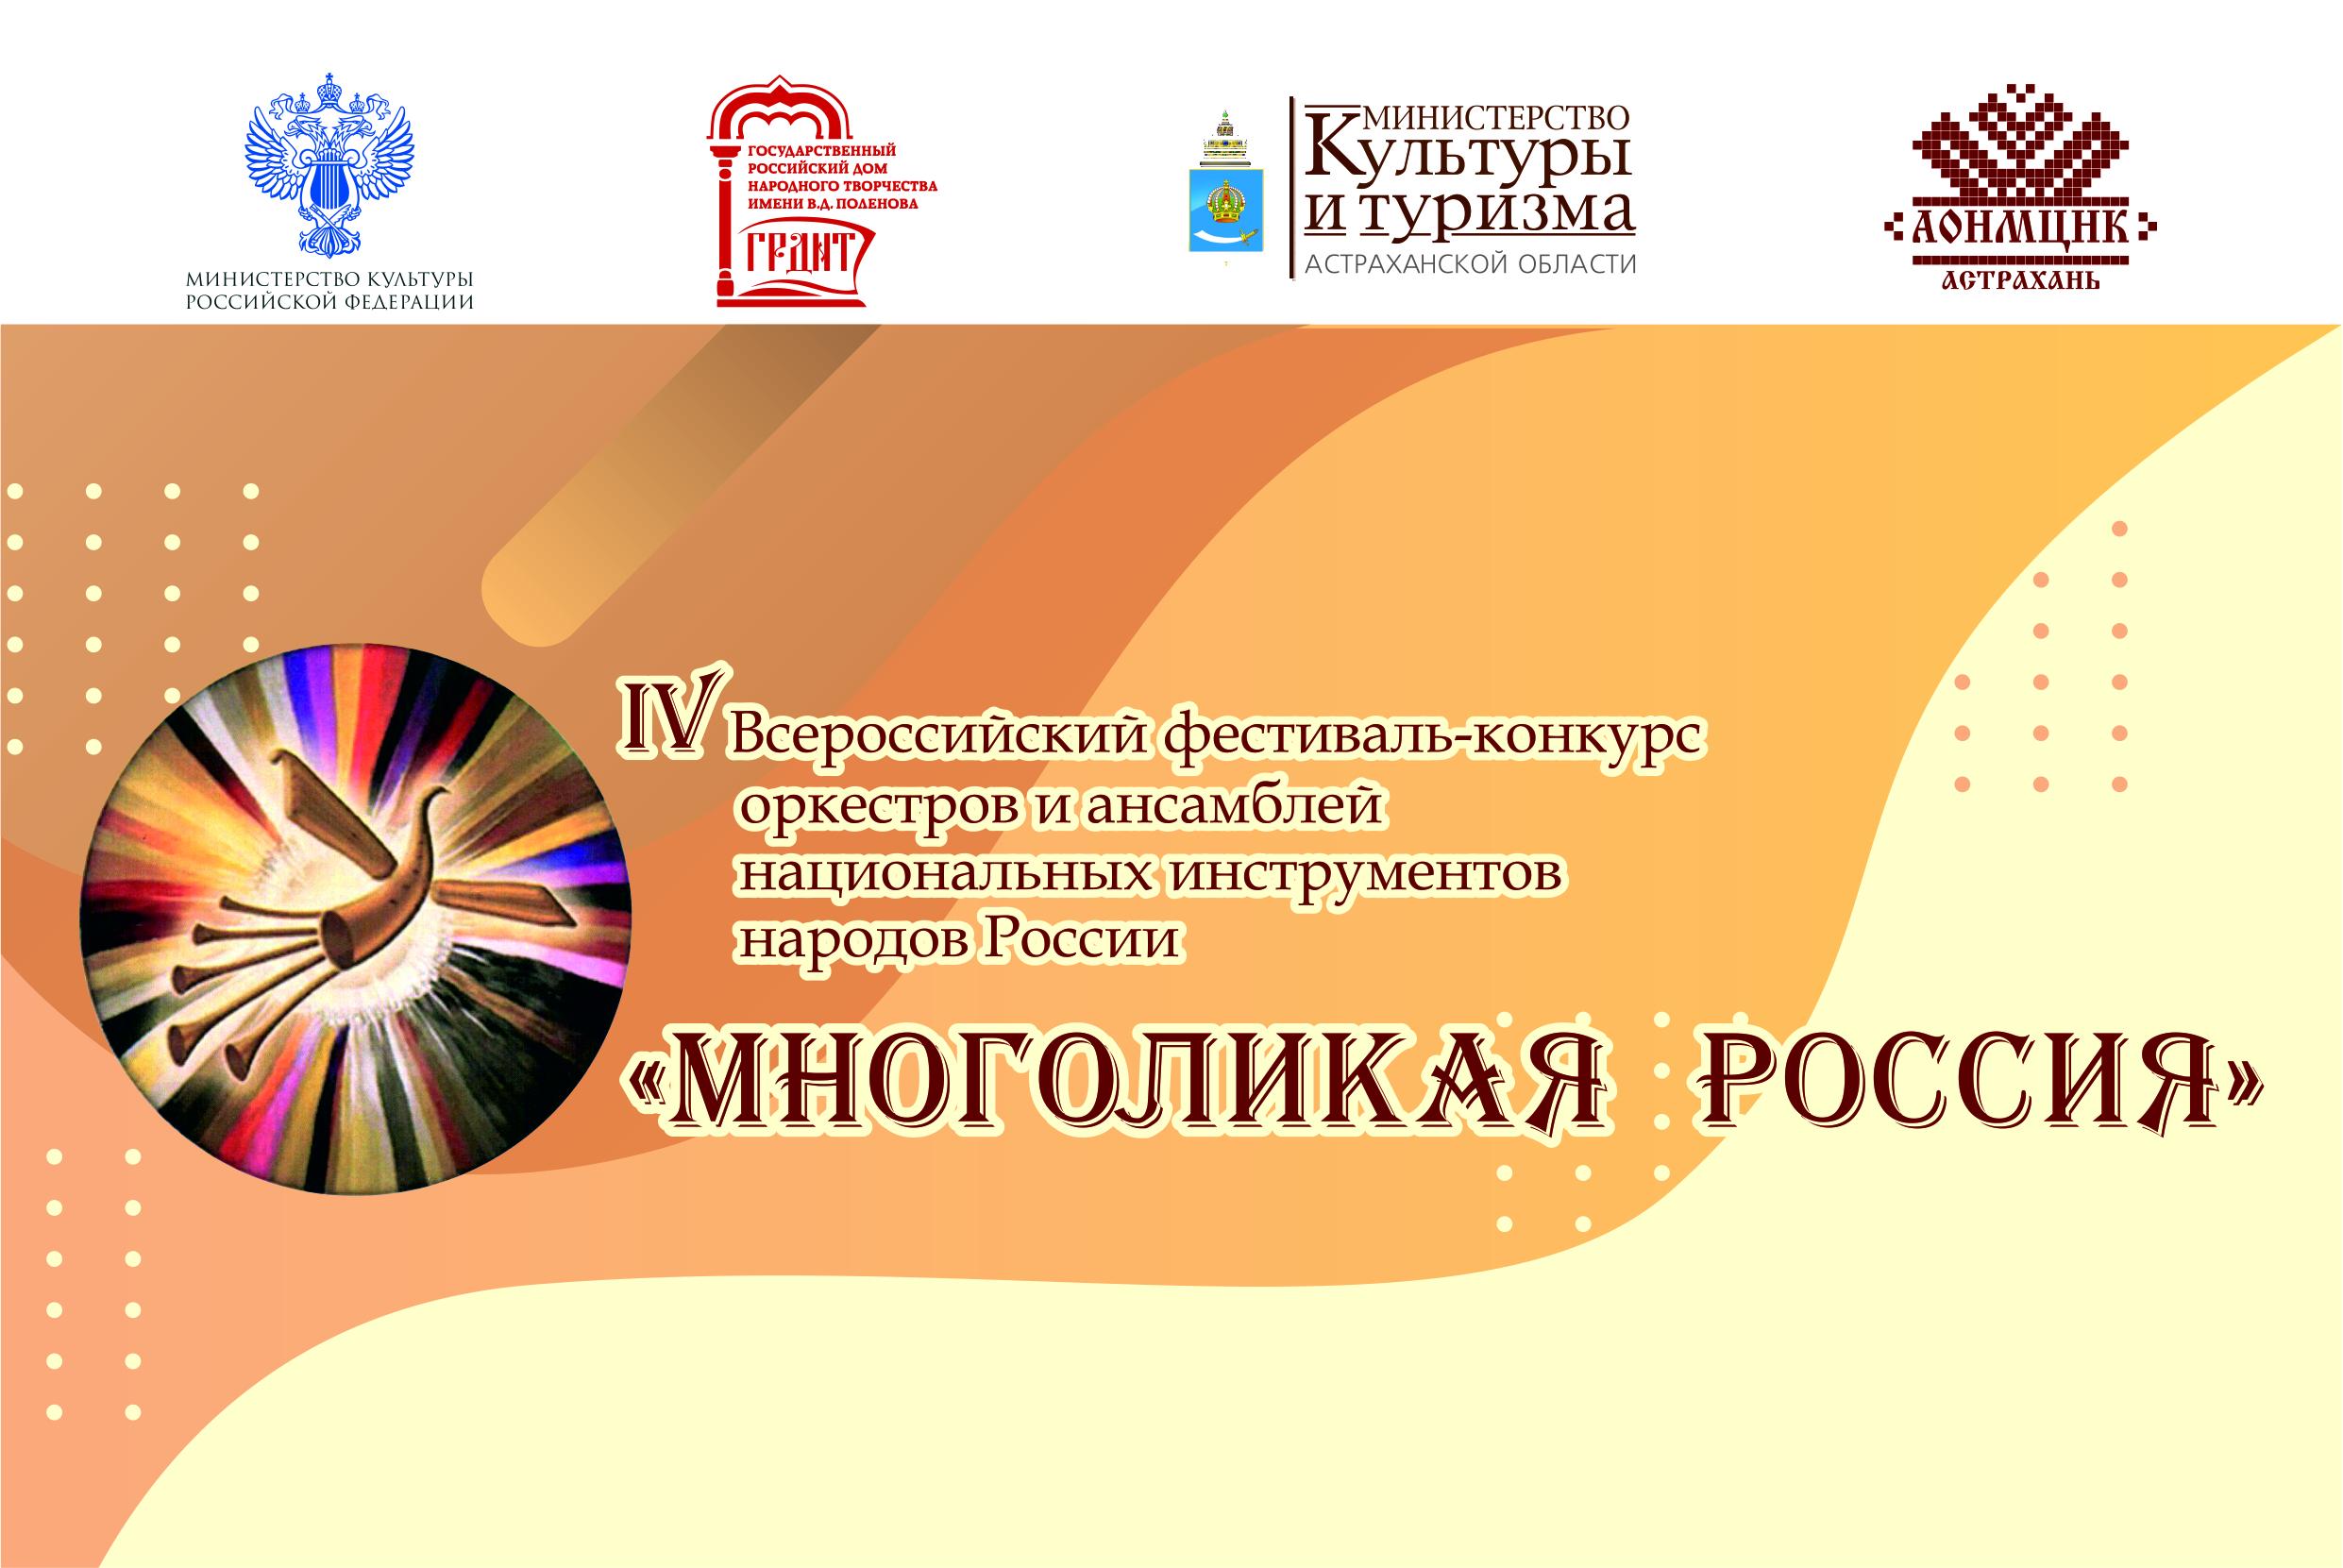 В Астрахани пройдет межрегиональный этап IV Всероссийского фестиваля «Многоликая Россия»